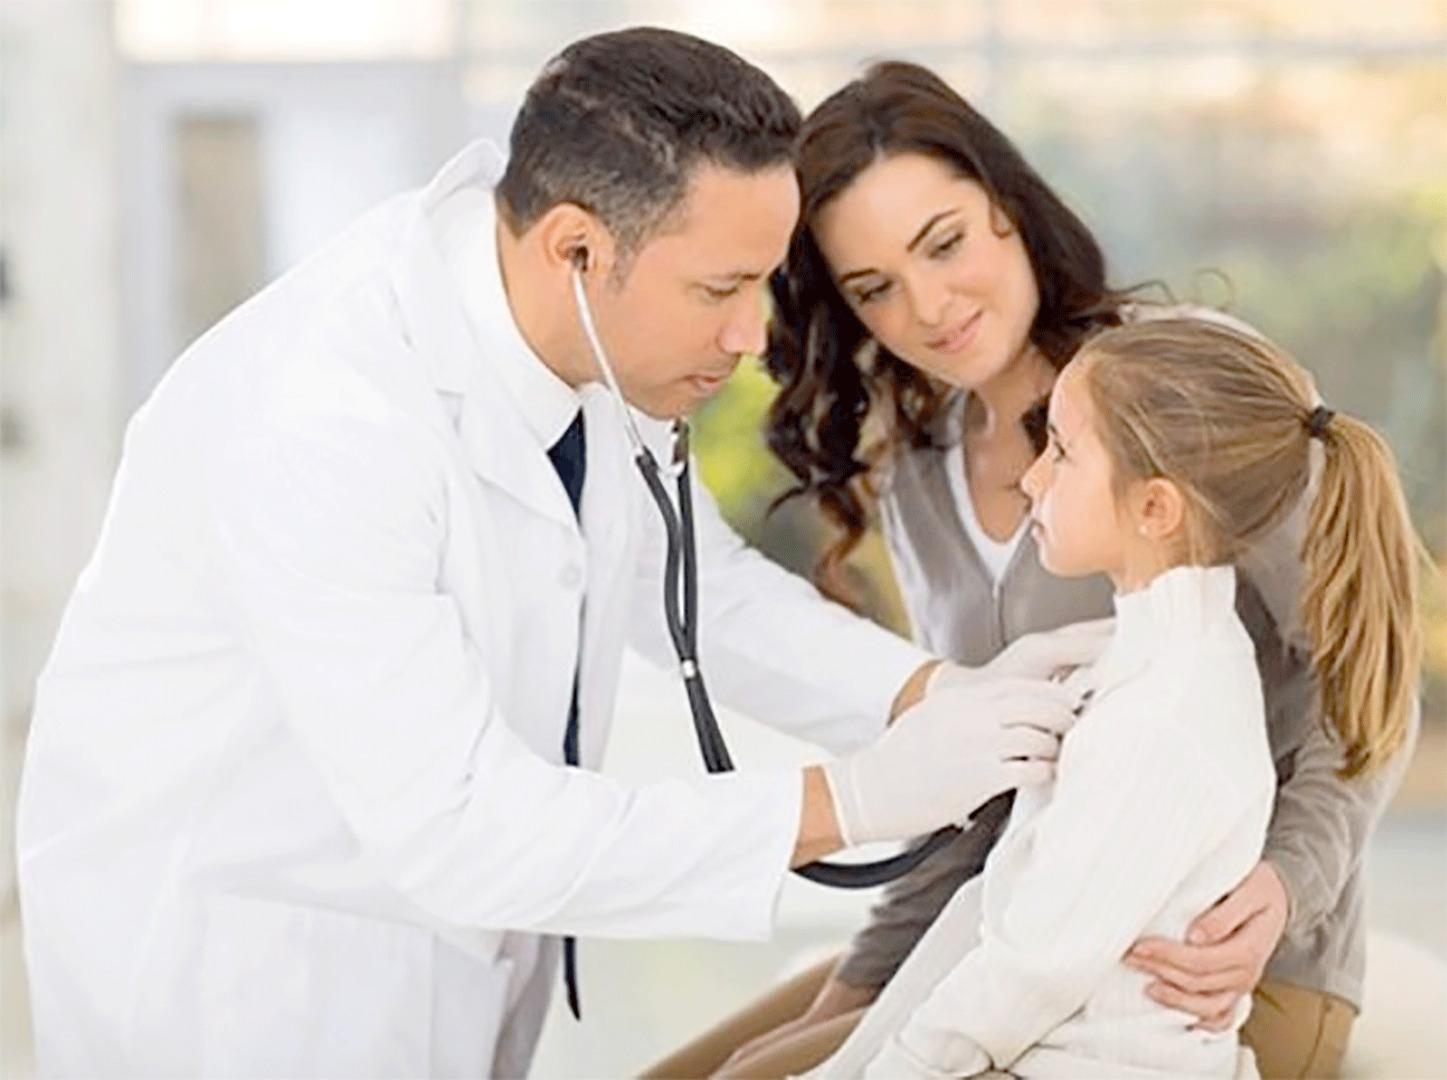 الامراض المعدية يمكن ان تزيد في مرحلة الطفولة